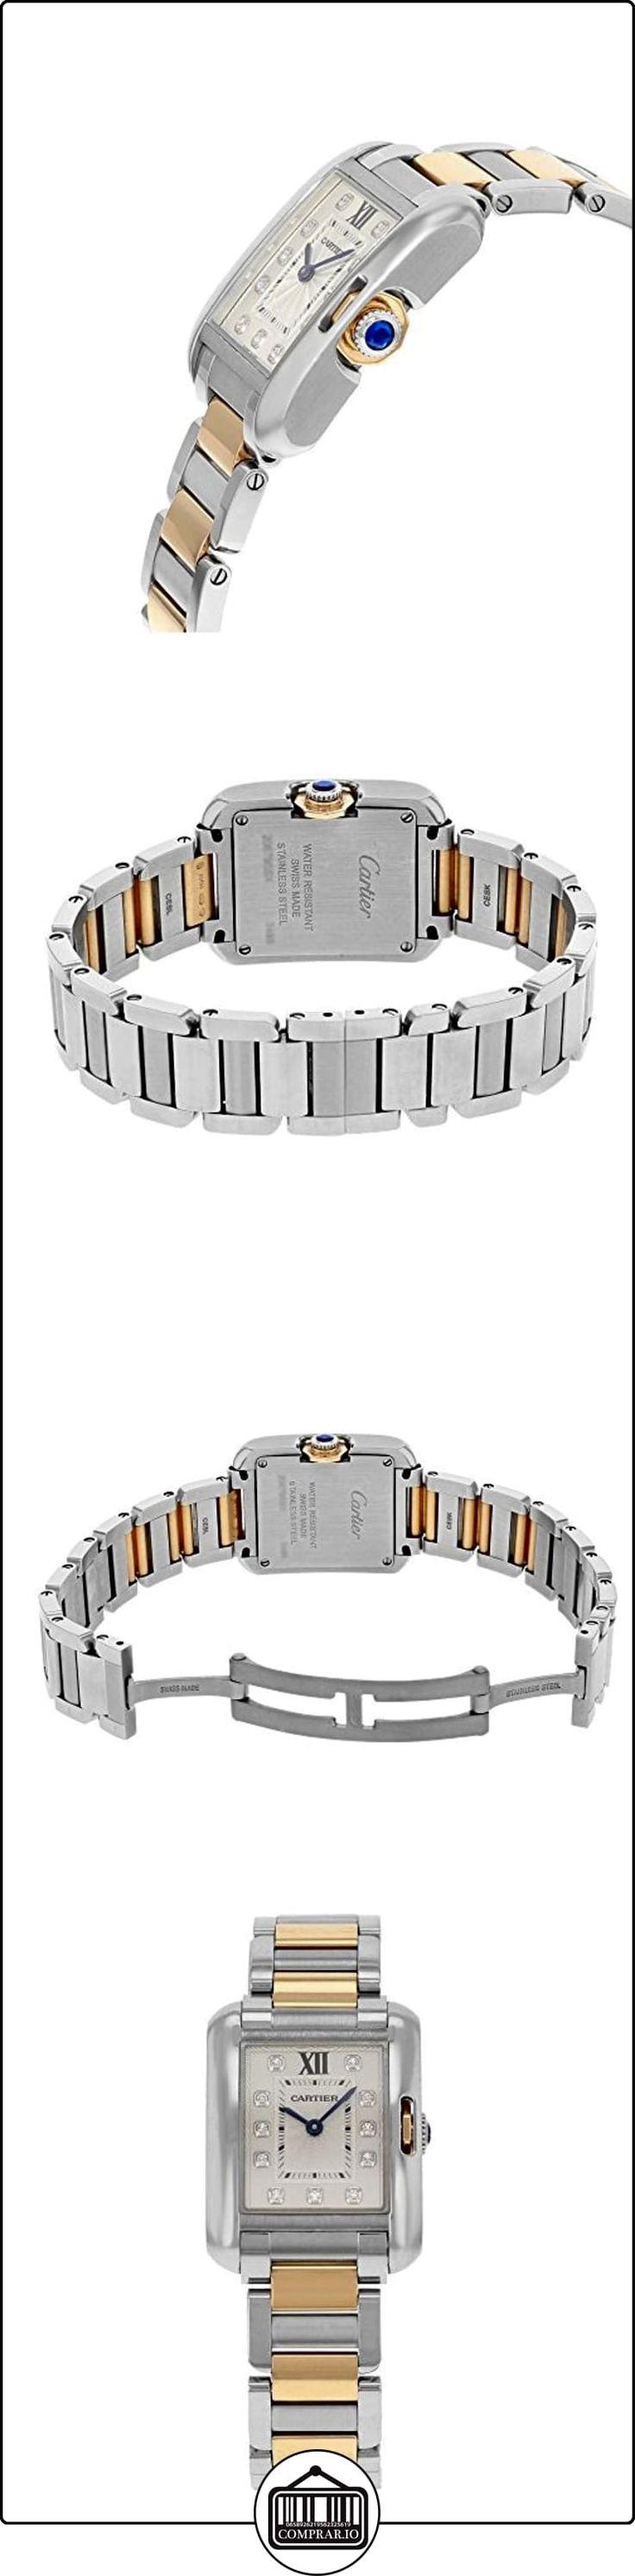 Cartier tanque Anglaise WT100024Acero y 18K Amarillo Oro Cuarzo Ladies Watch  ✿ Relojes para mujer - (Lujo) ✿